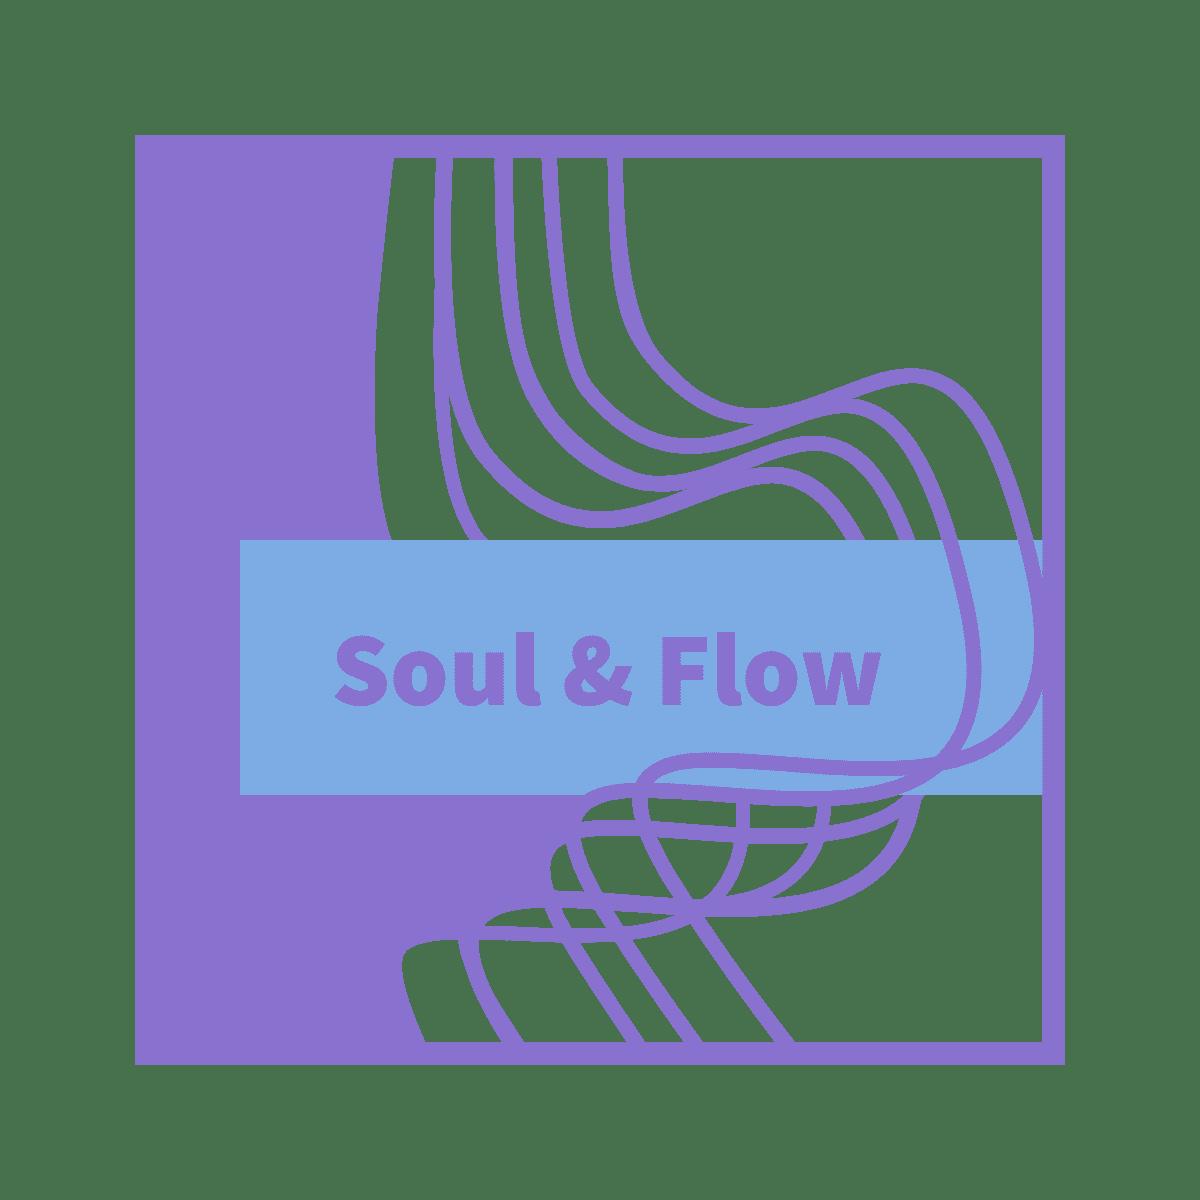 SoulFlow